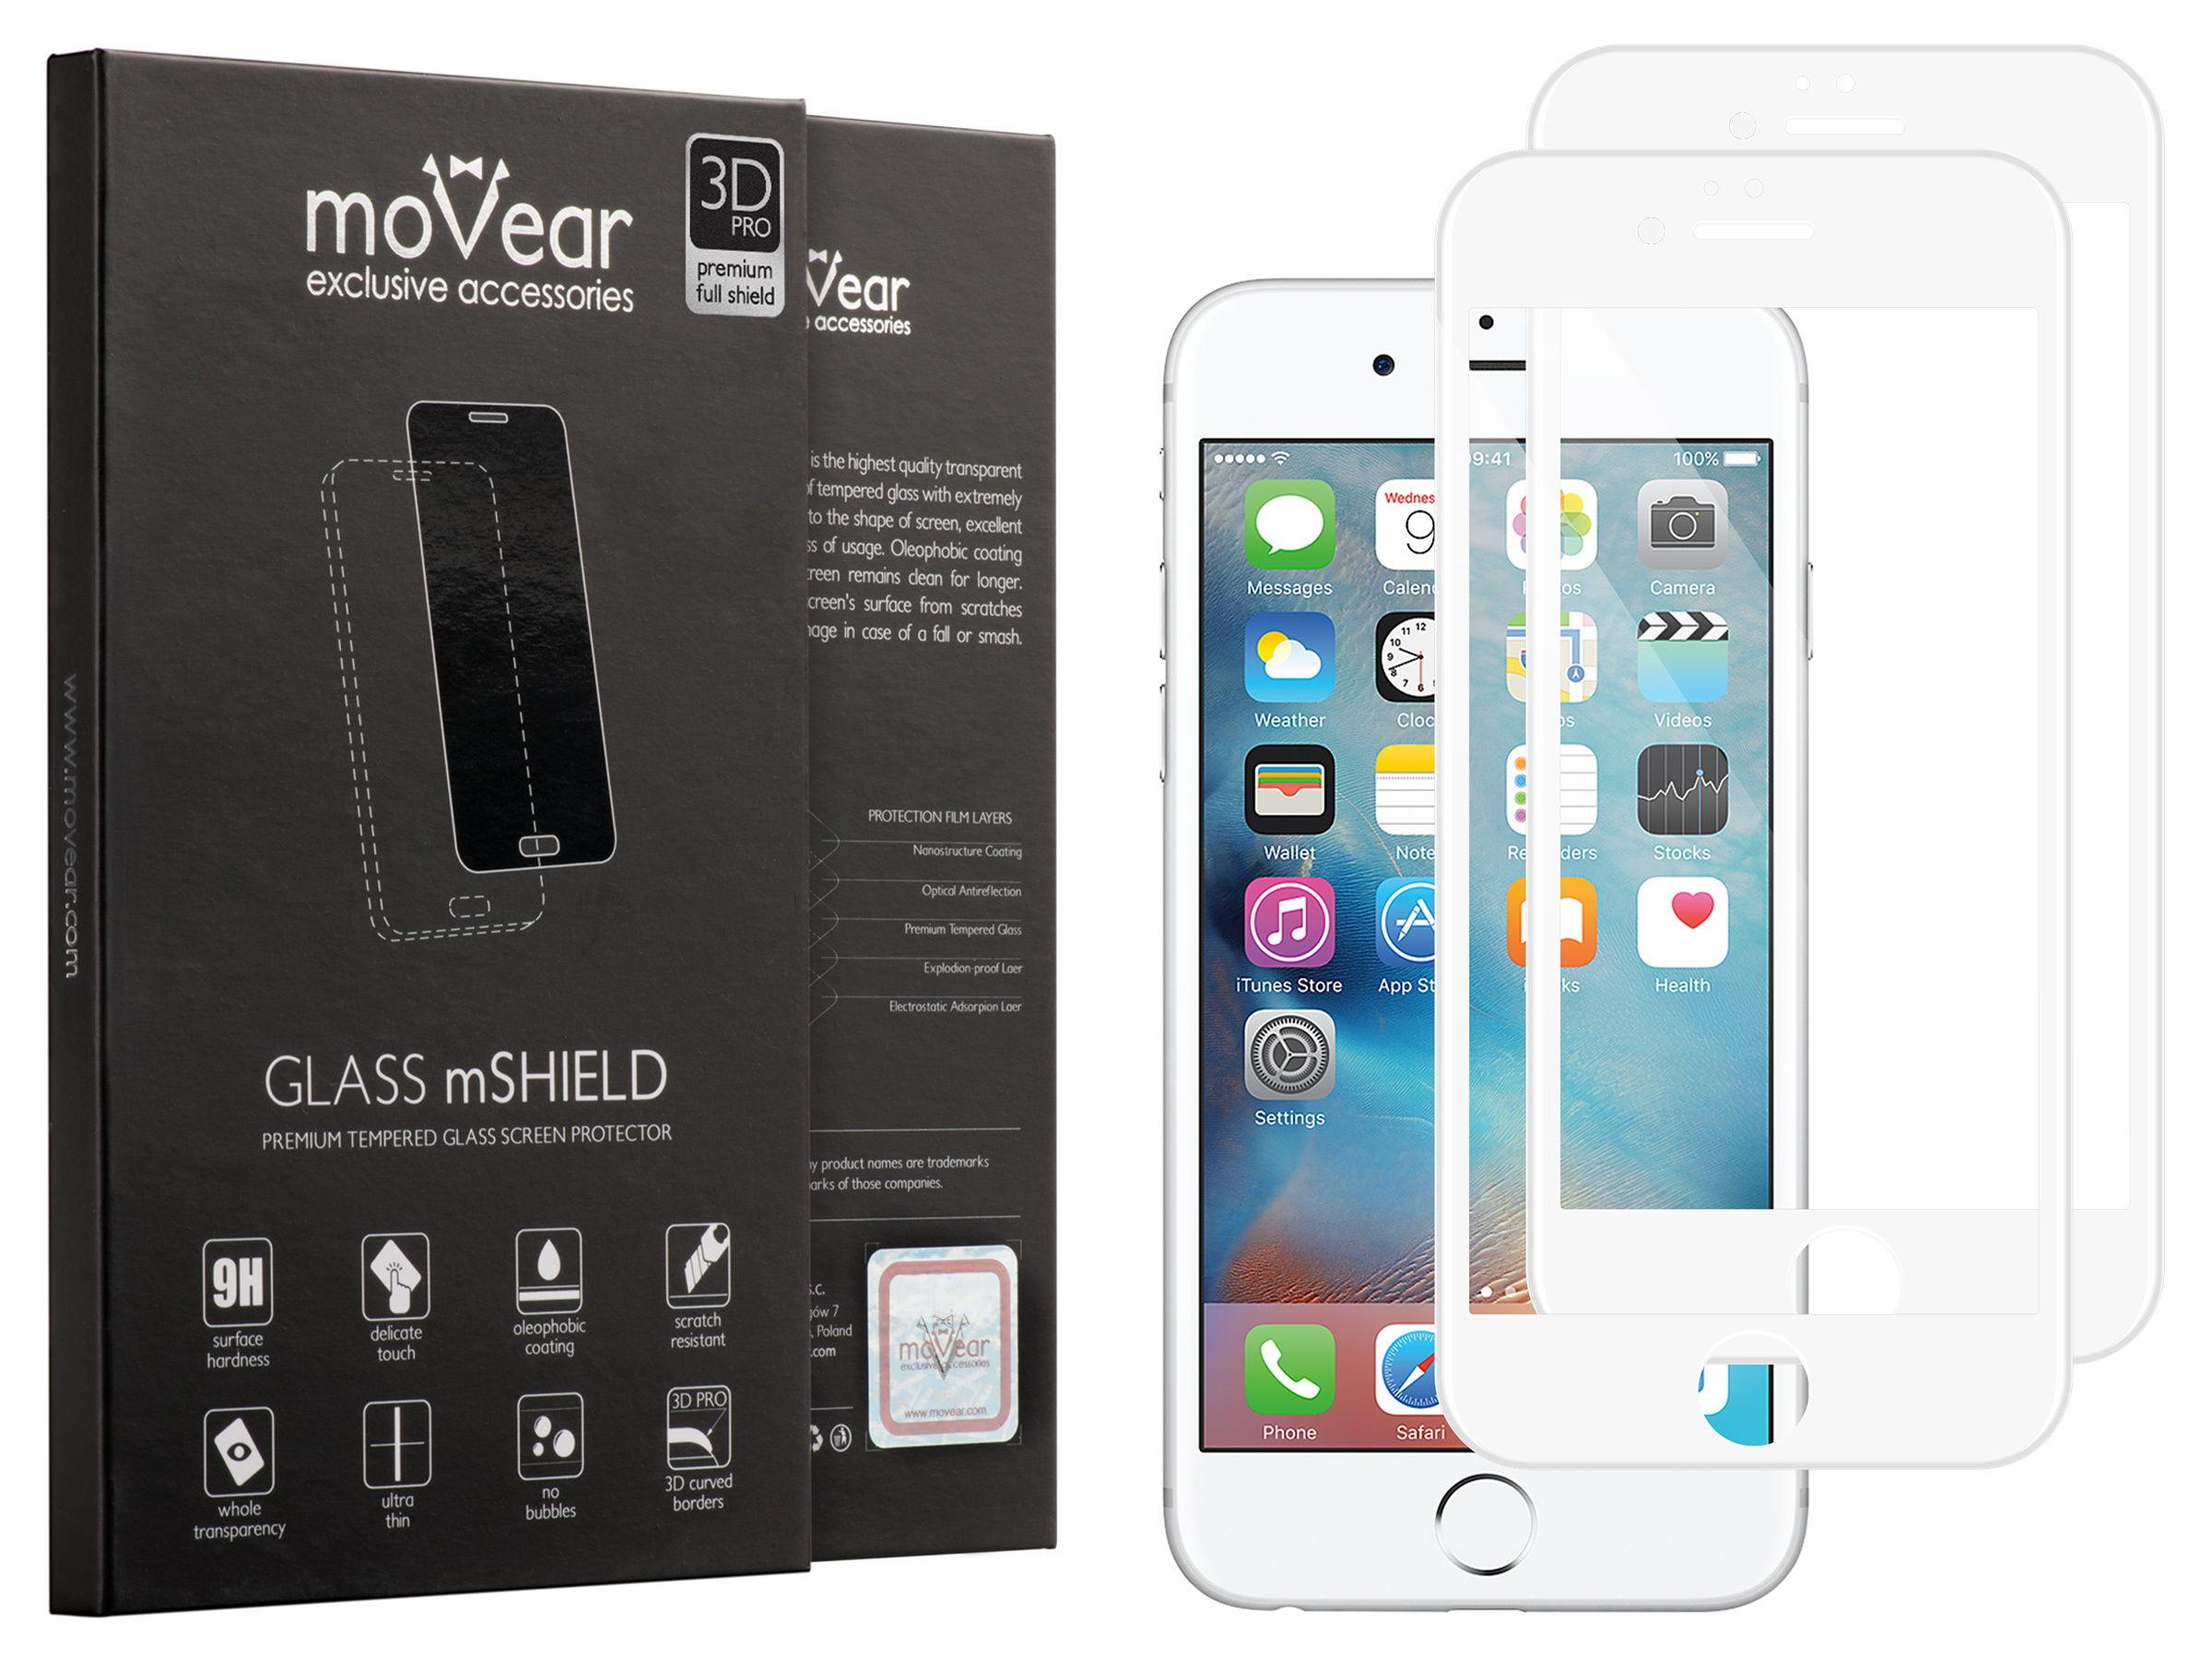 2 szt. | moVear Matowe Szkło Hartowane 3D PRO MATT na Apple iPhone 6 Plus / 6s Plus | na Cały Ekran, Antyrefleksyjne, 9H | GLASS mSHIELD Biały